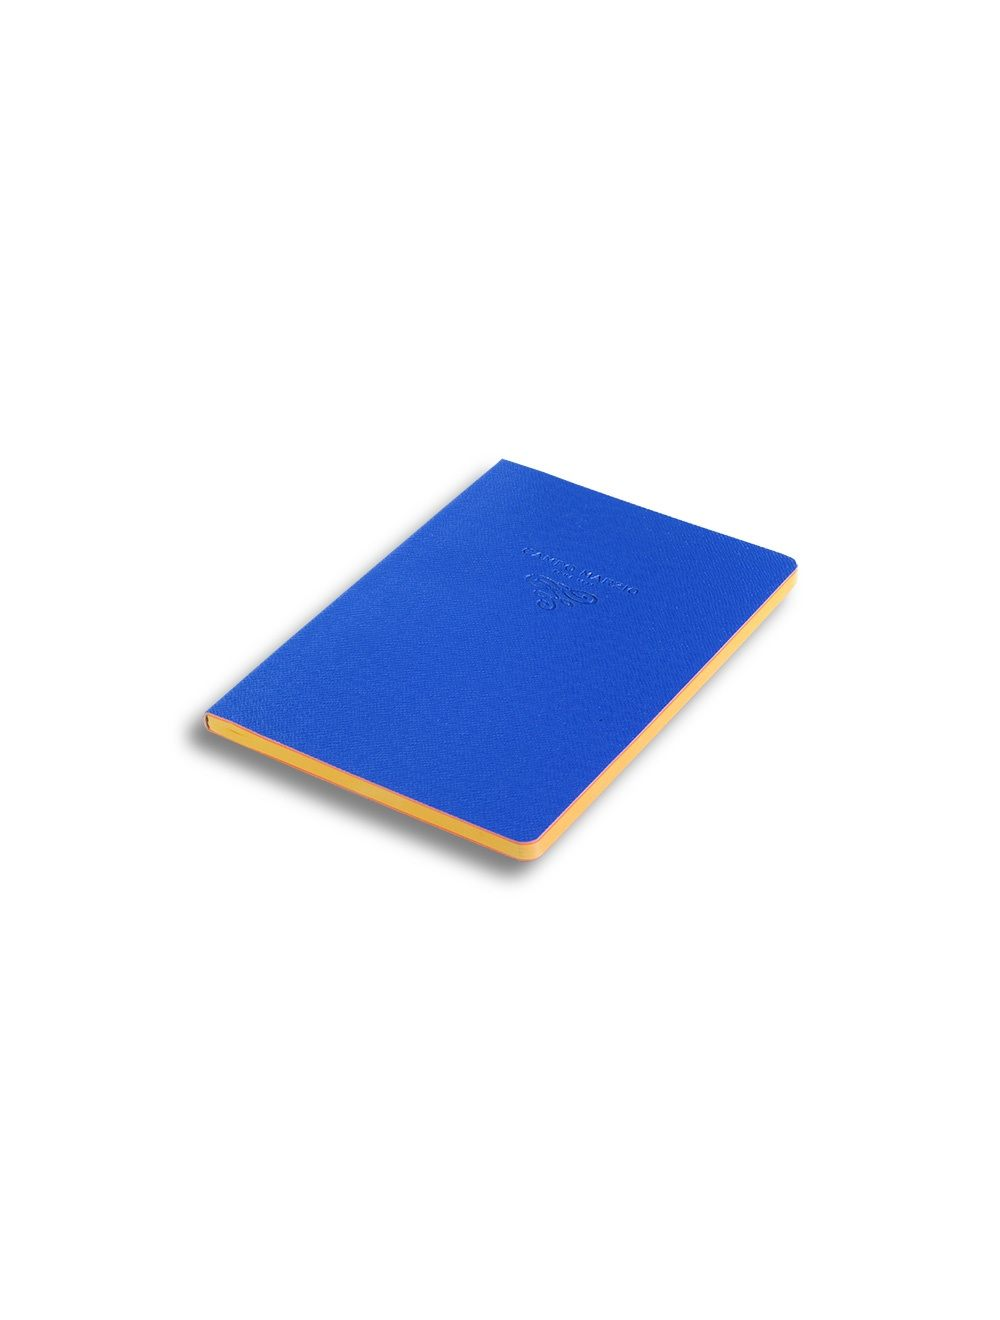 Quaderno 16,5 X 23,4 CM - fogli interni colorati - Blu Oceano